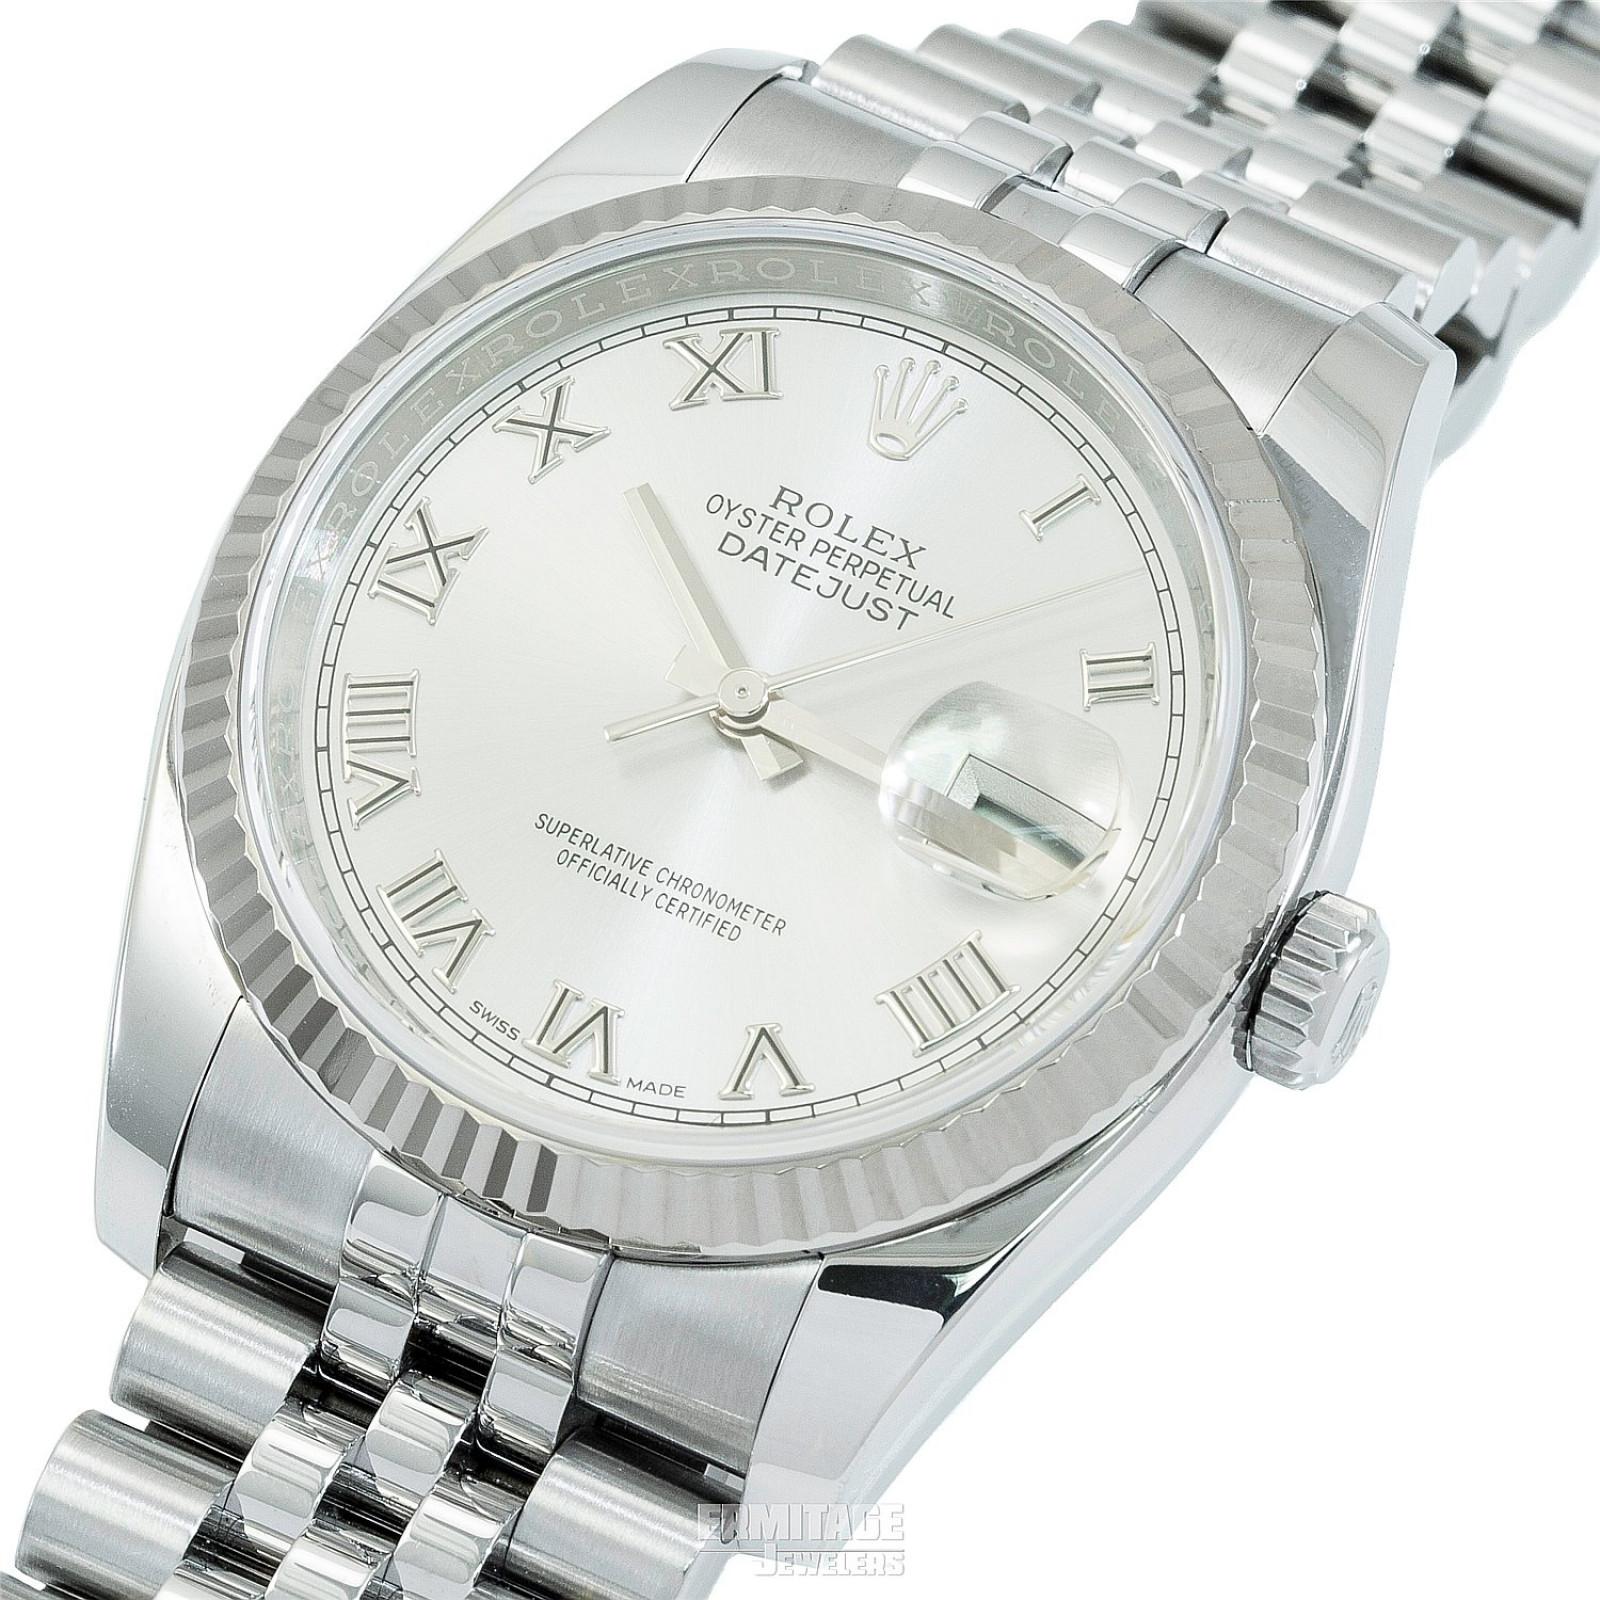 2018 Silver Rolex Datejust Ref. 116234